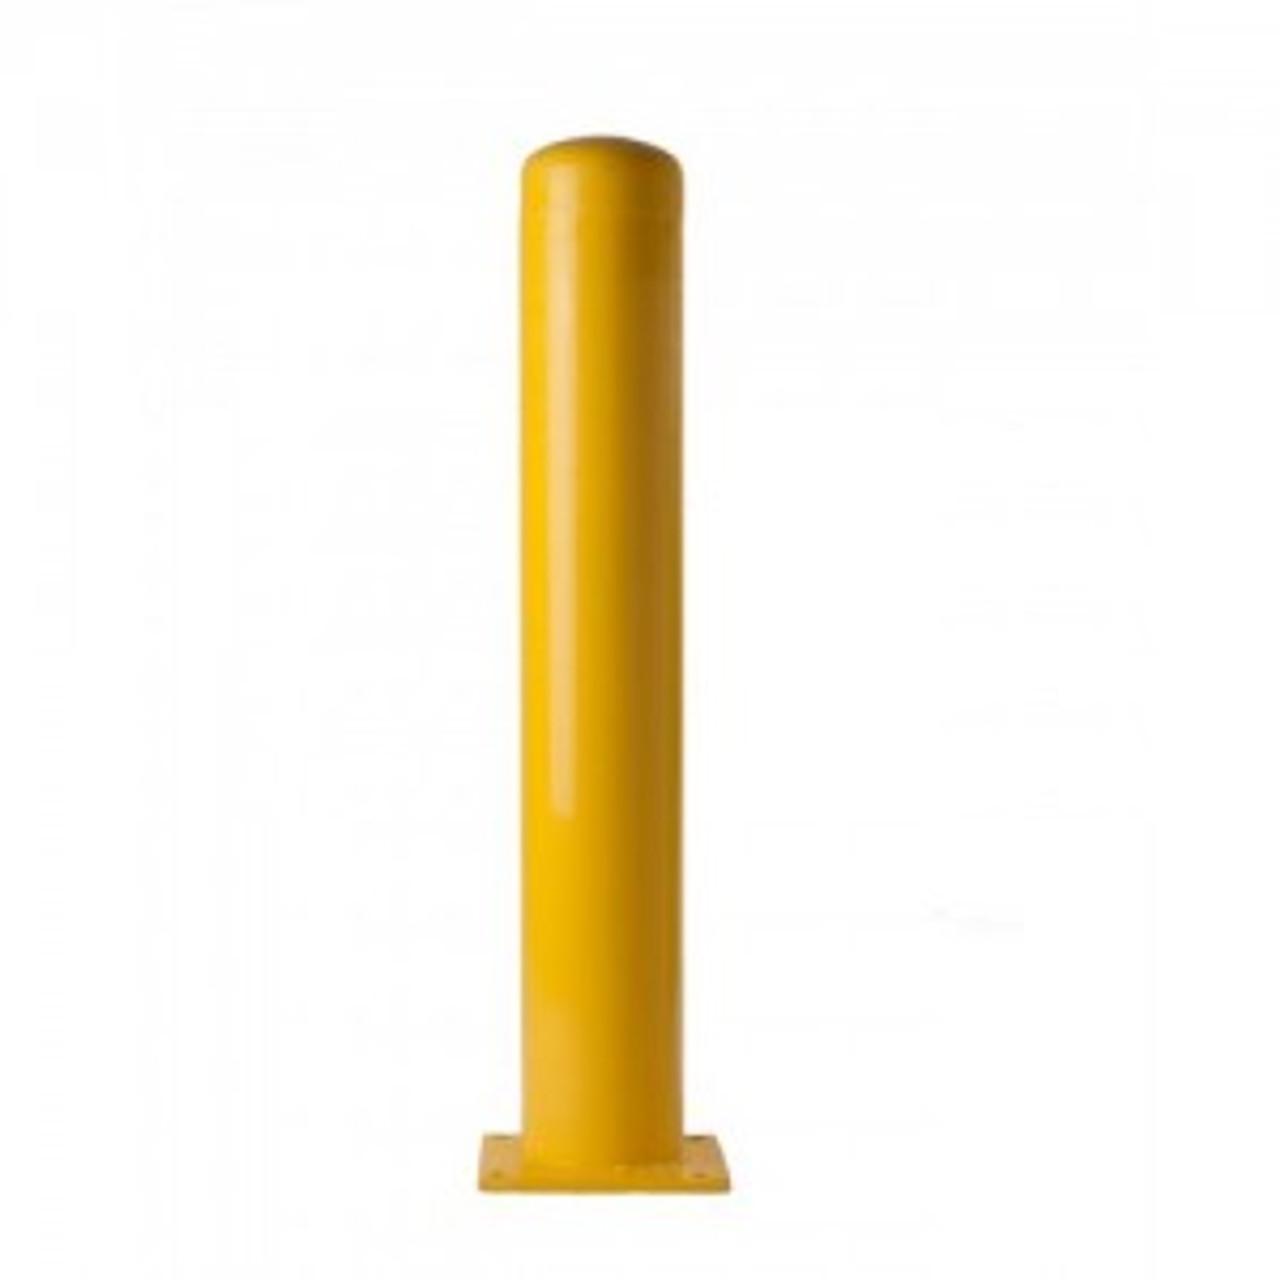 42H x 10W Steel Bolt Down Bollard